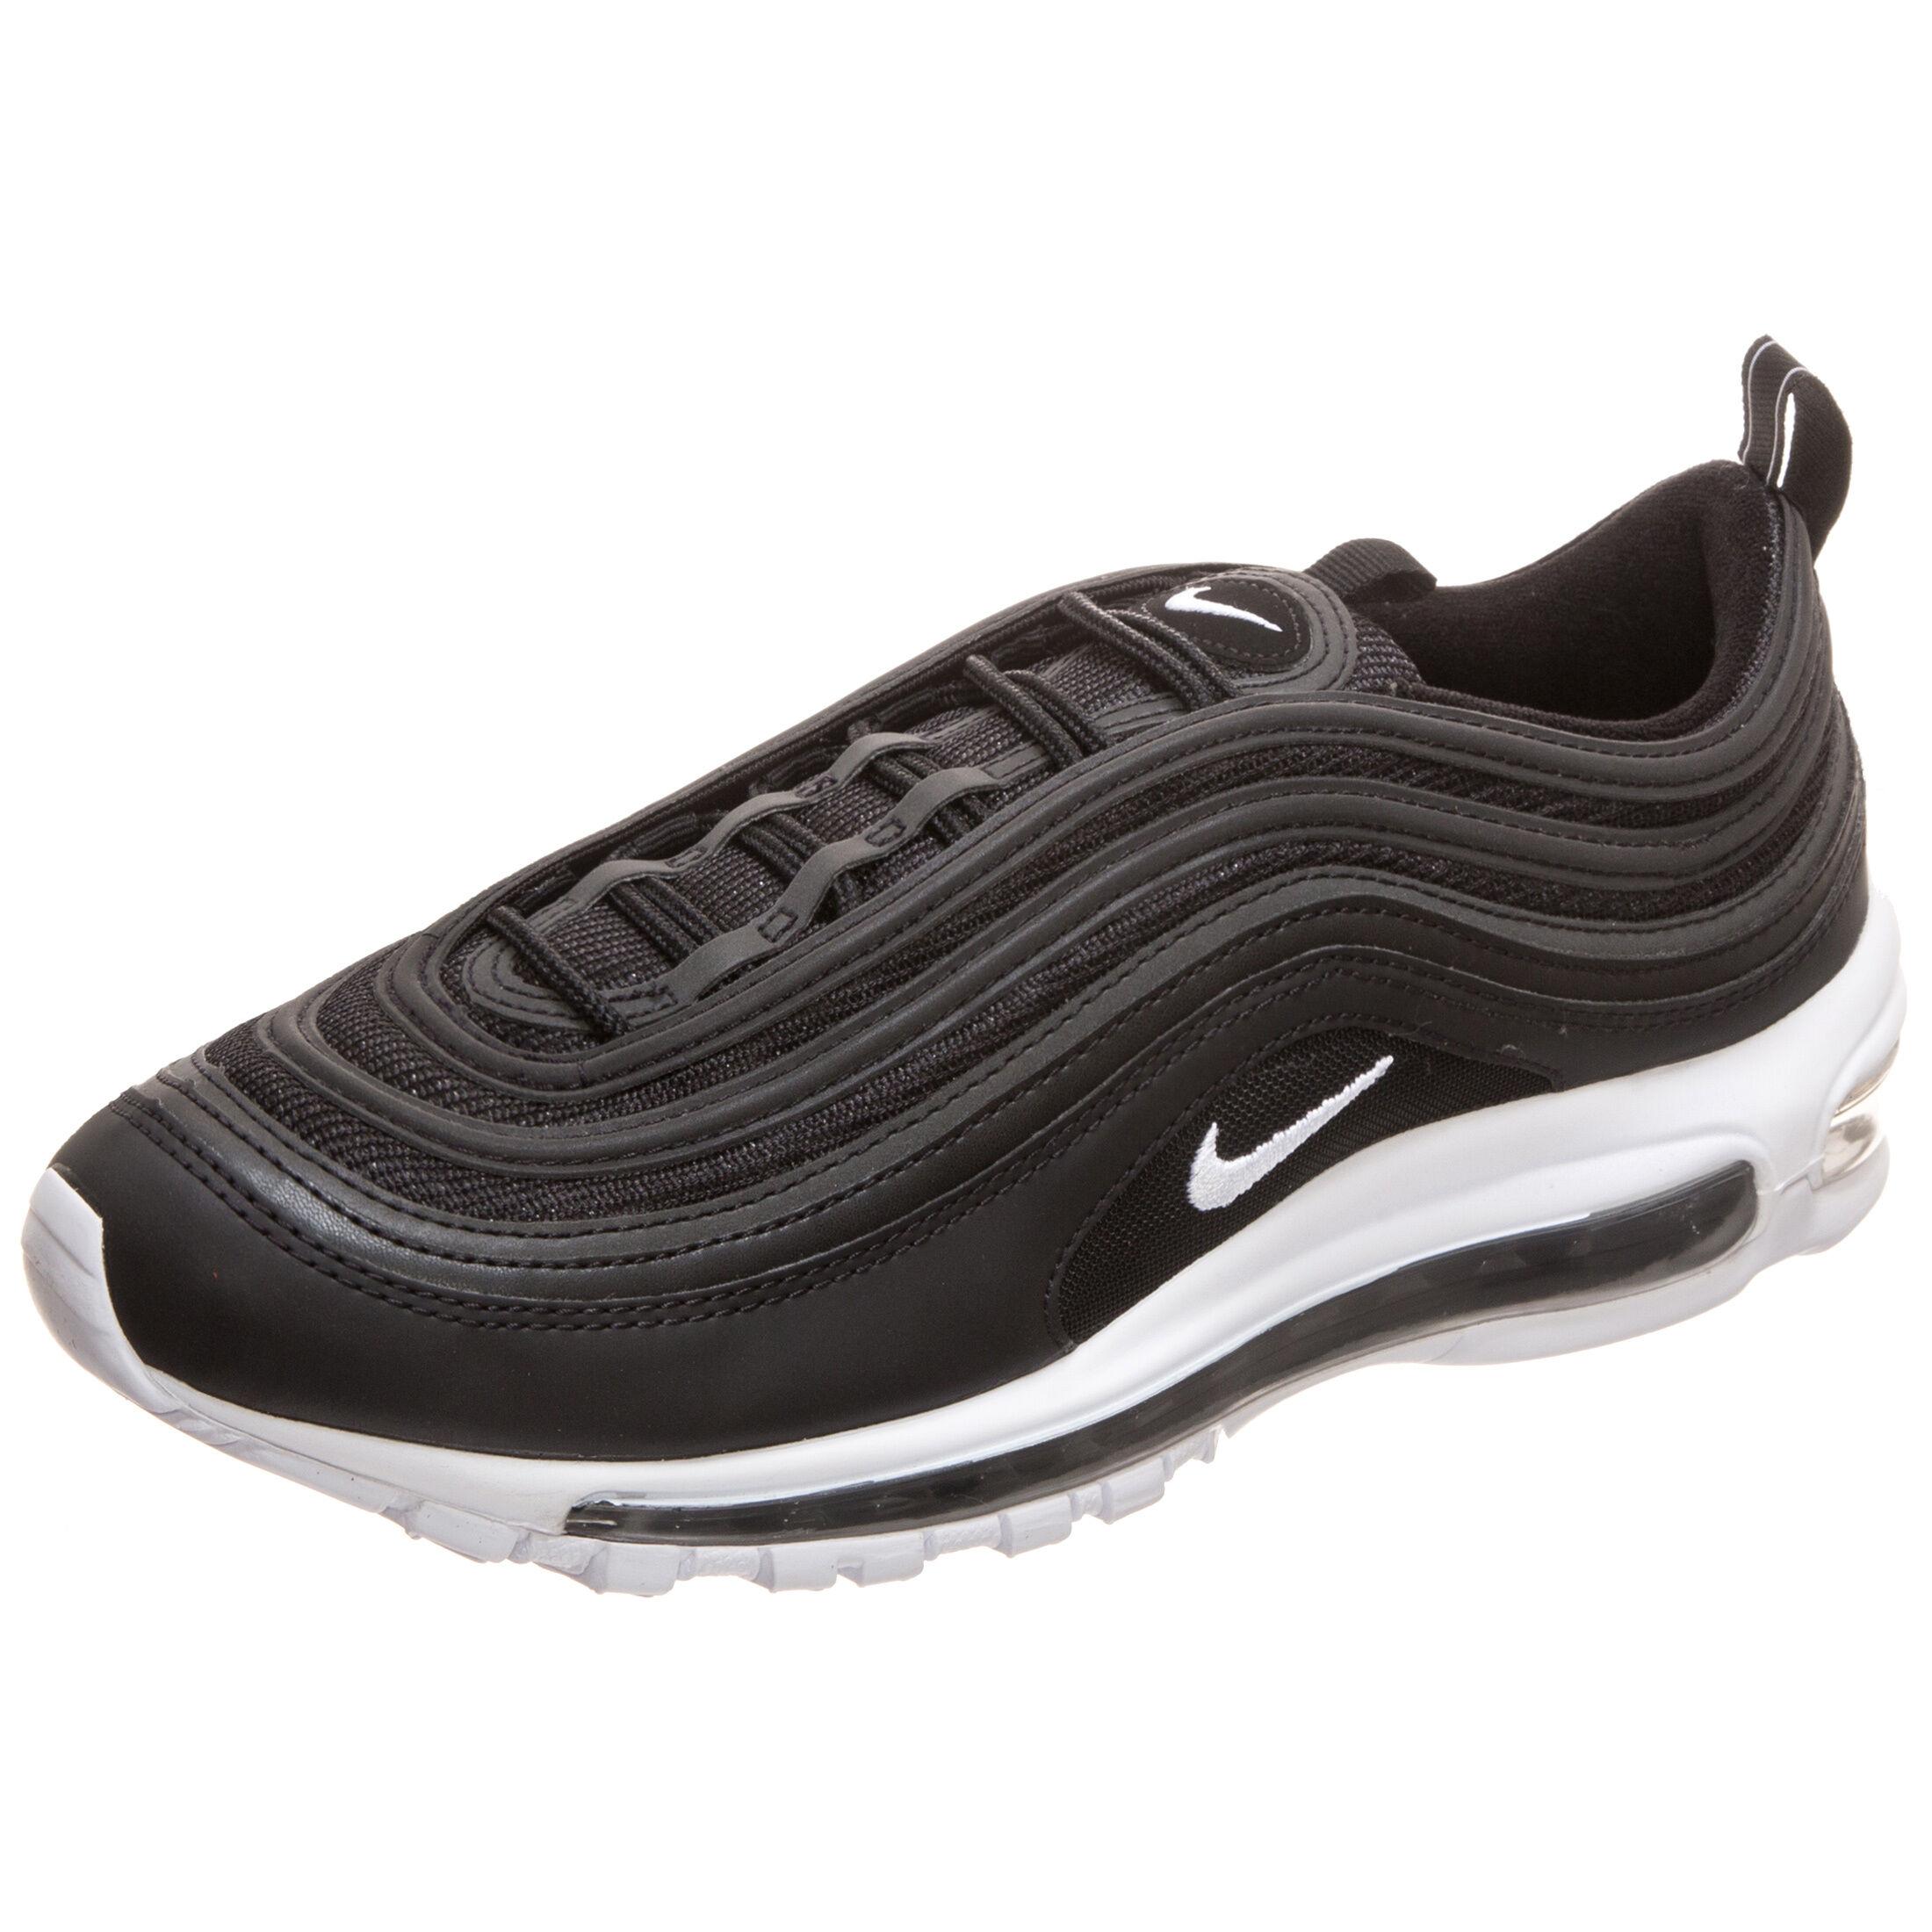 a37ed2441444d 2657d a5a42; spain air max 97 sneaker damen schwarz weiß zoom bei outfitter  online. neu. nike